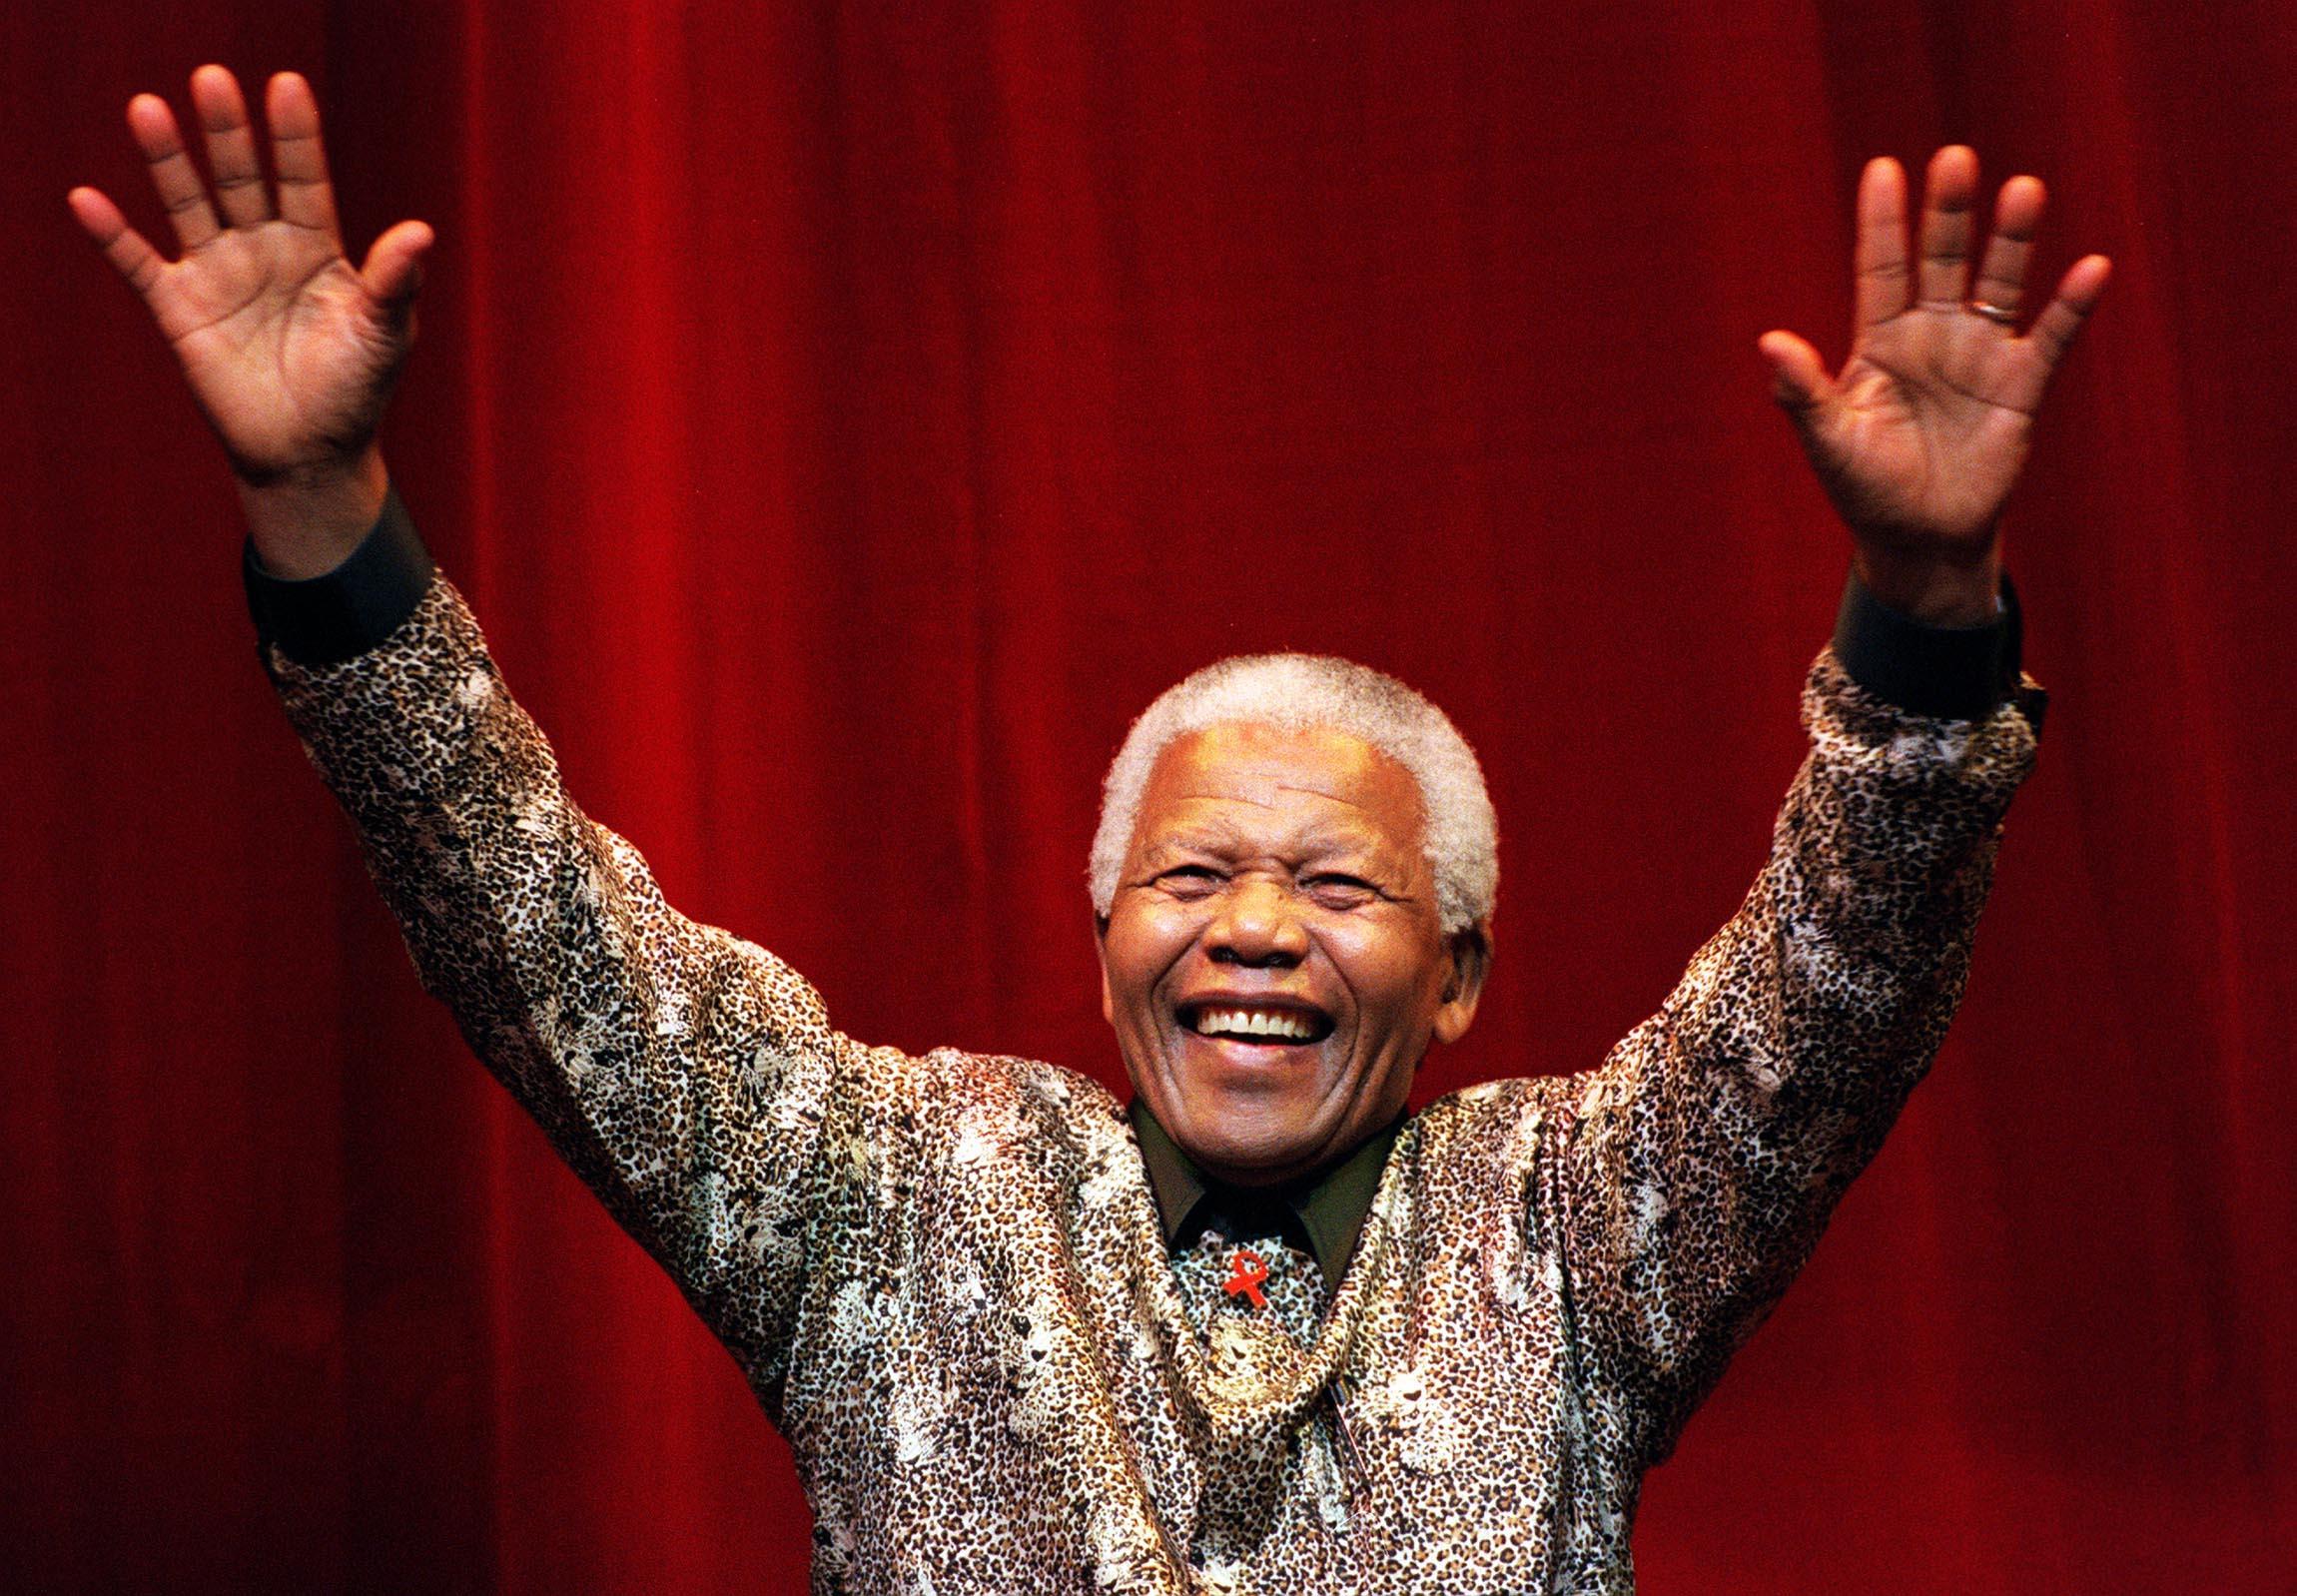 14. Nelson Mandela